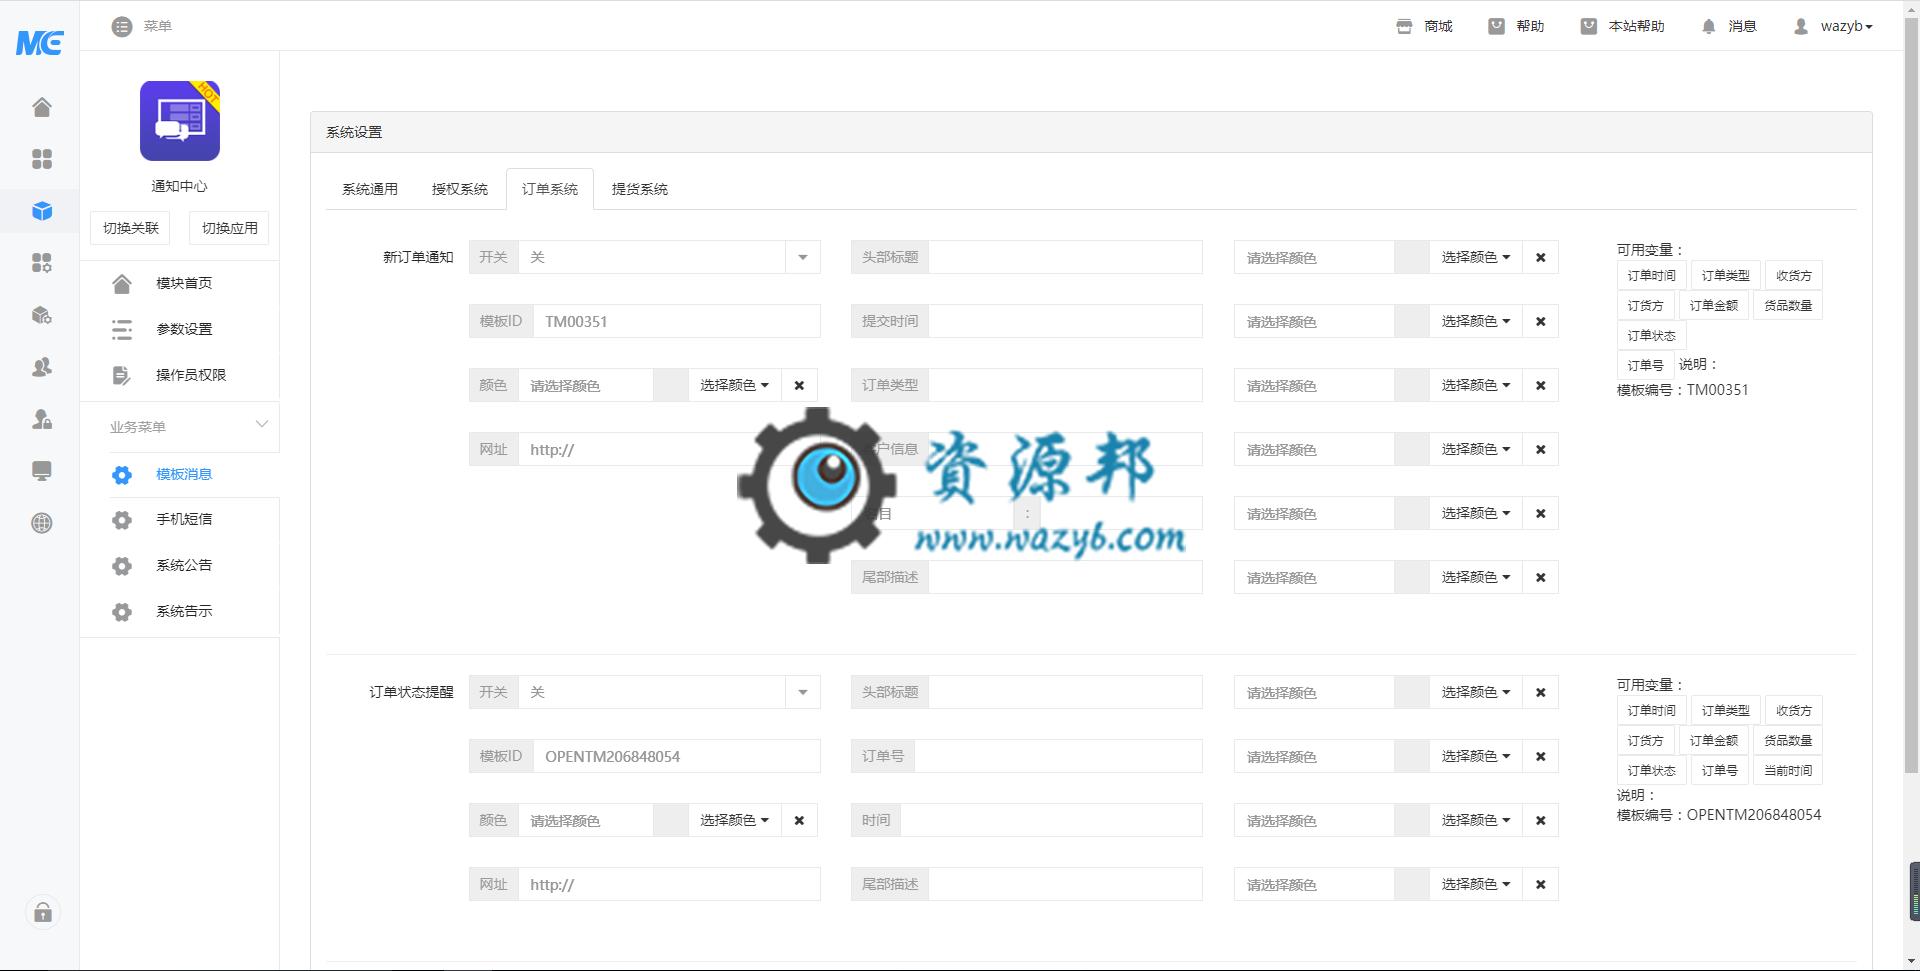 【公众号应用】通知中心V2.1.0完整安装包,更新模板 公众号应用 第3张